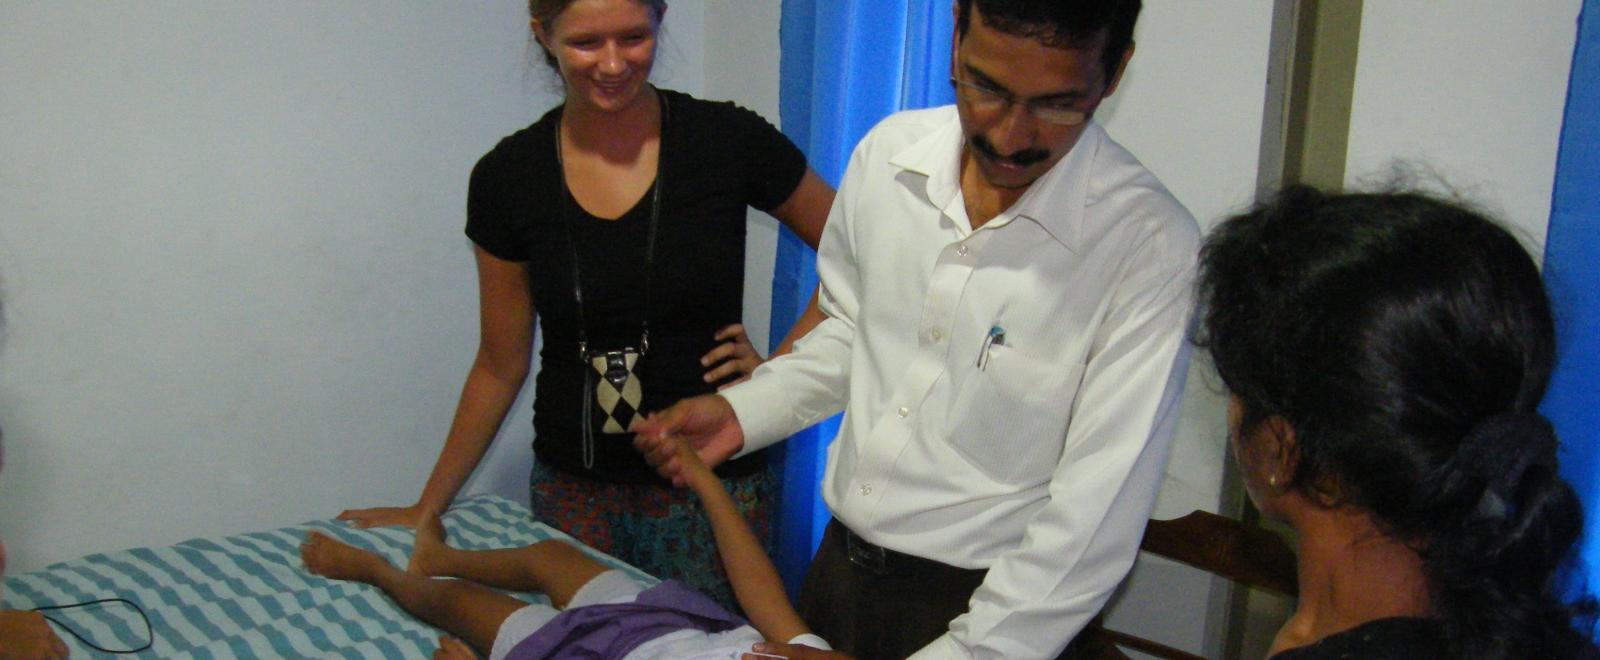 Interna de fisioterapia en Sri Lanka observa a un doctor durante una sesión.